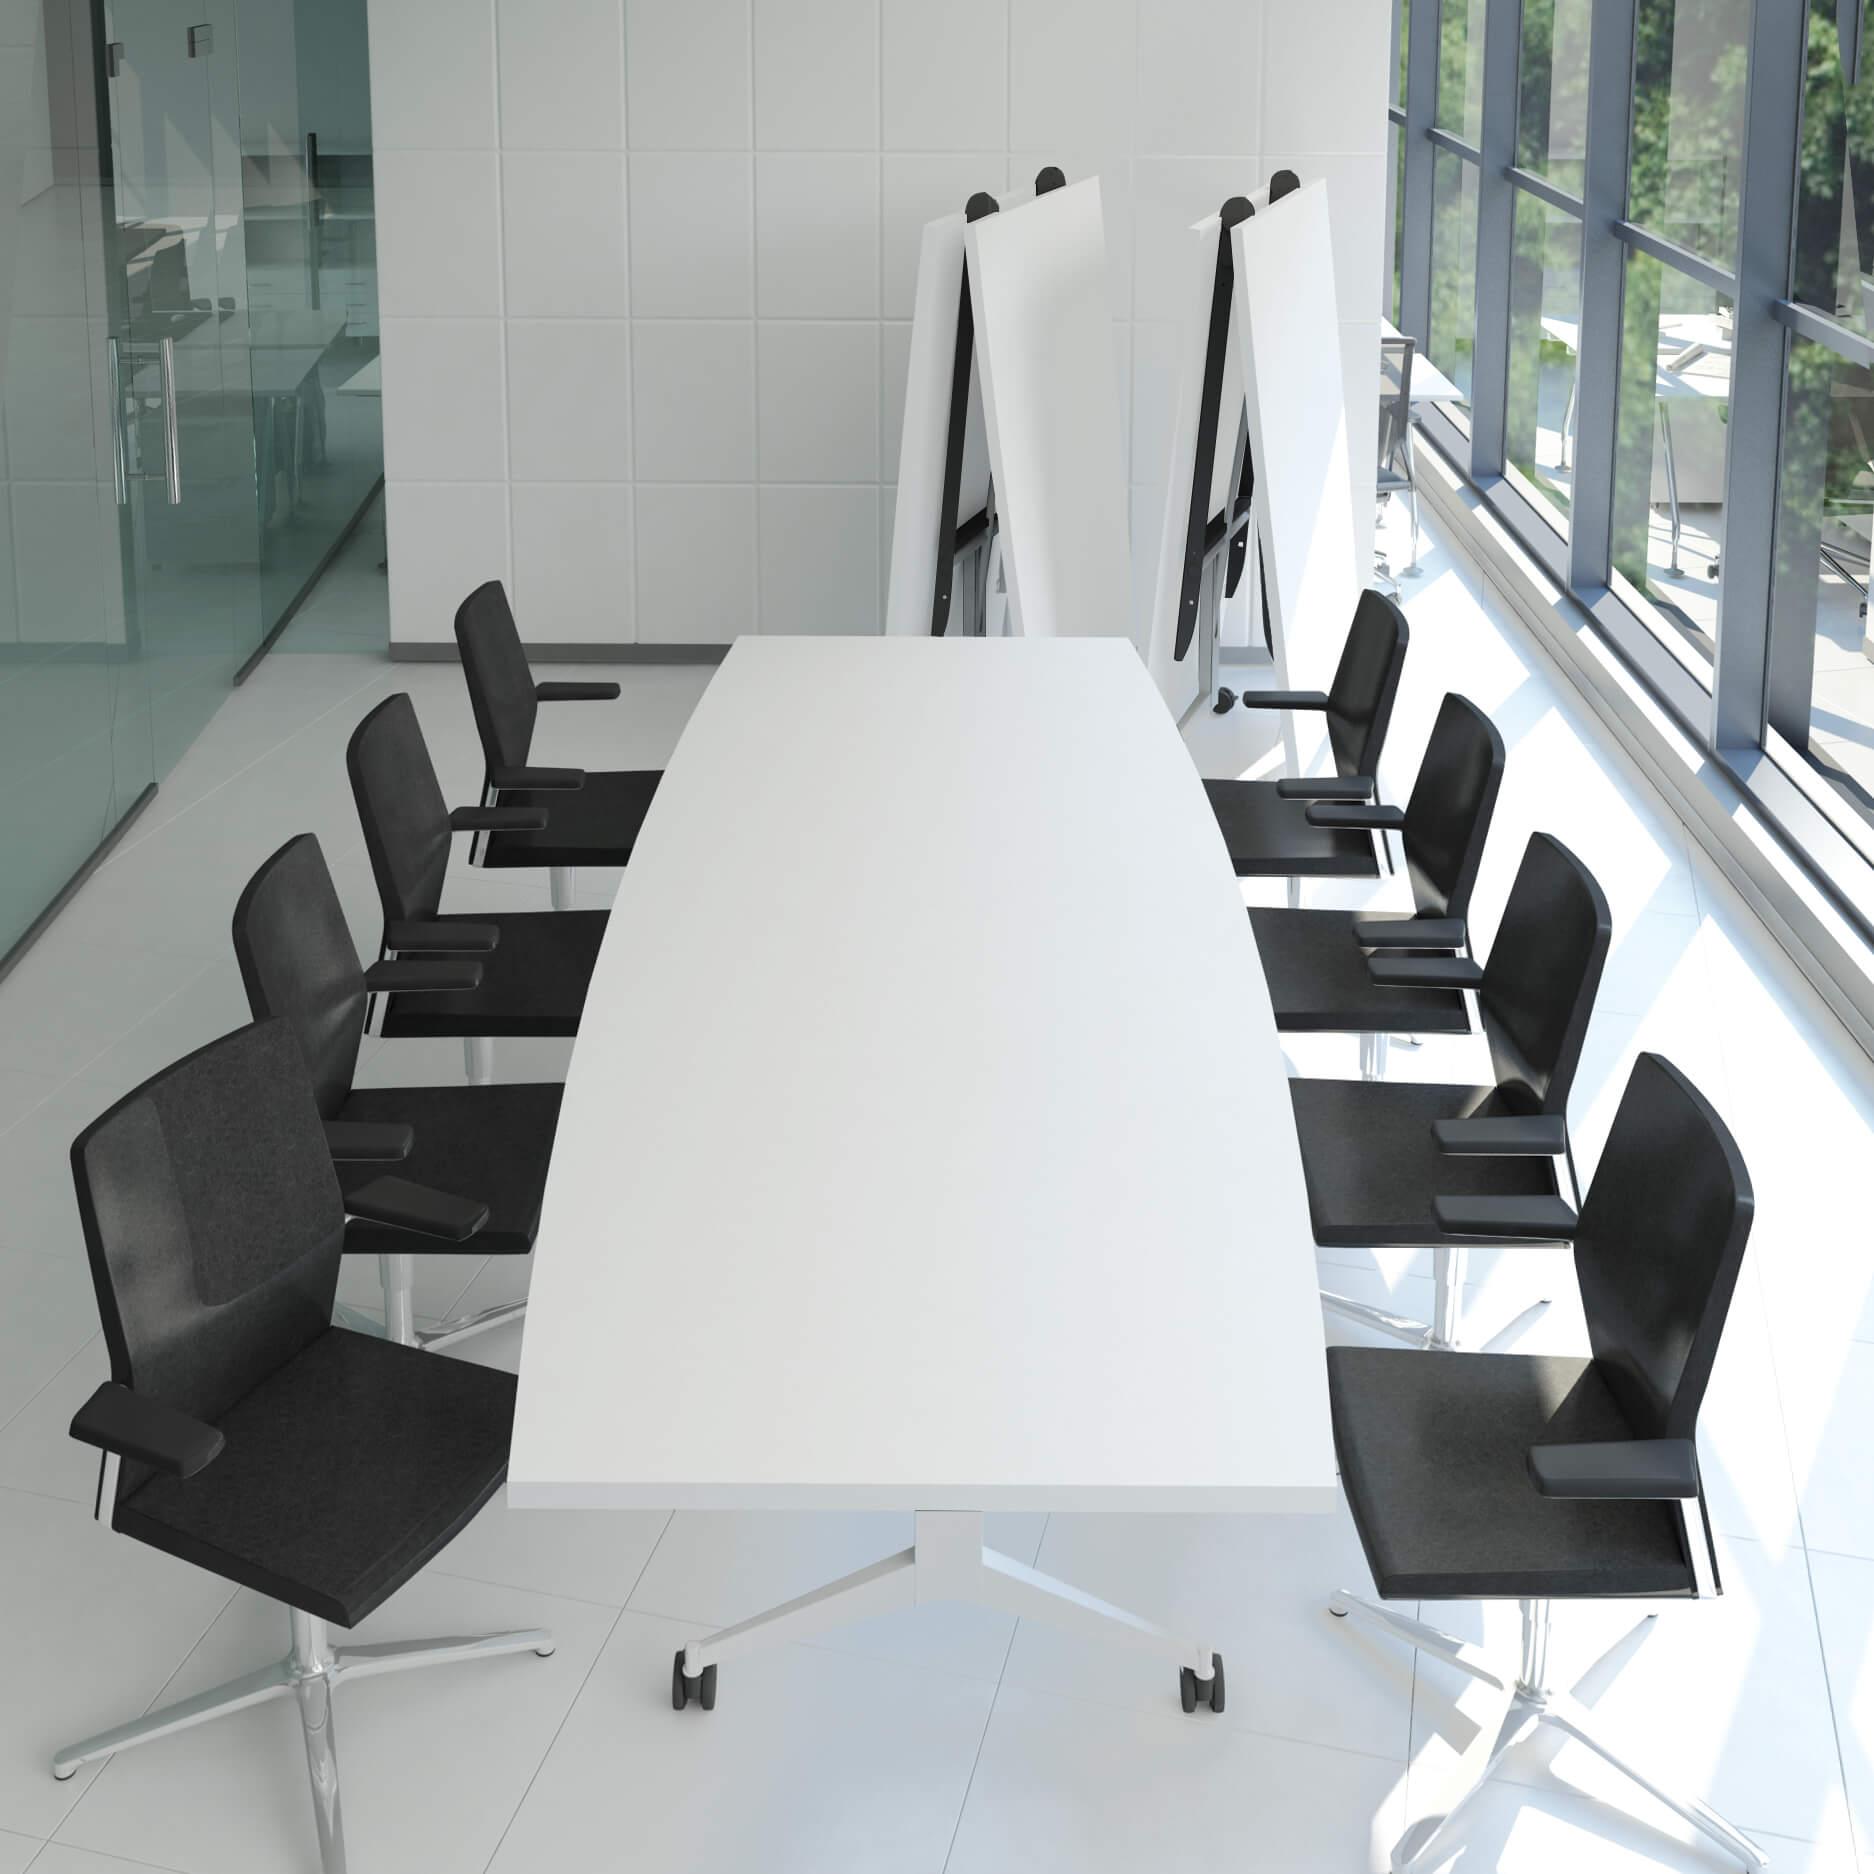 Falttisch Klapptisch Bootsform 3.200 x 1.200 mm TIMMY Weiß Konferenztisch klappbar rollbar Klapptisch